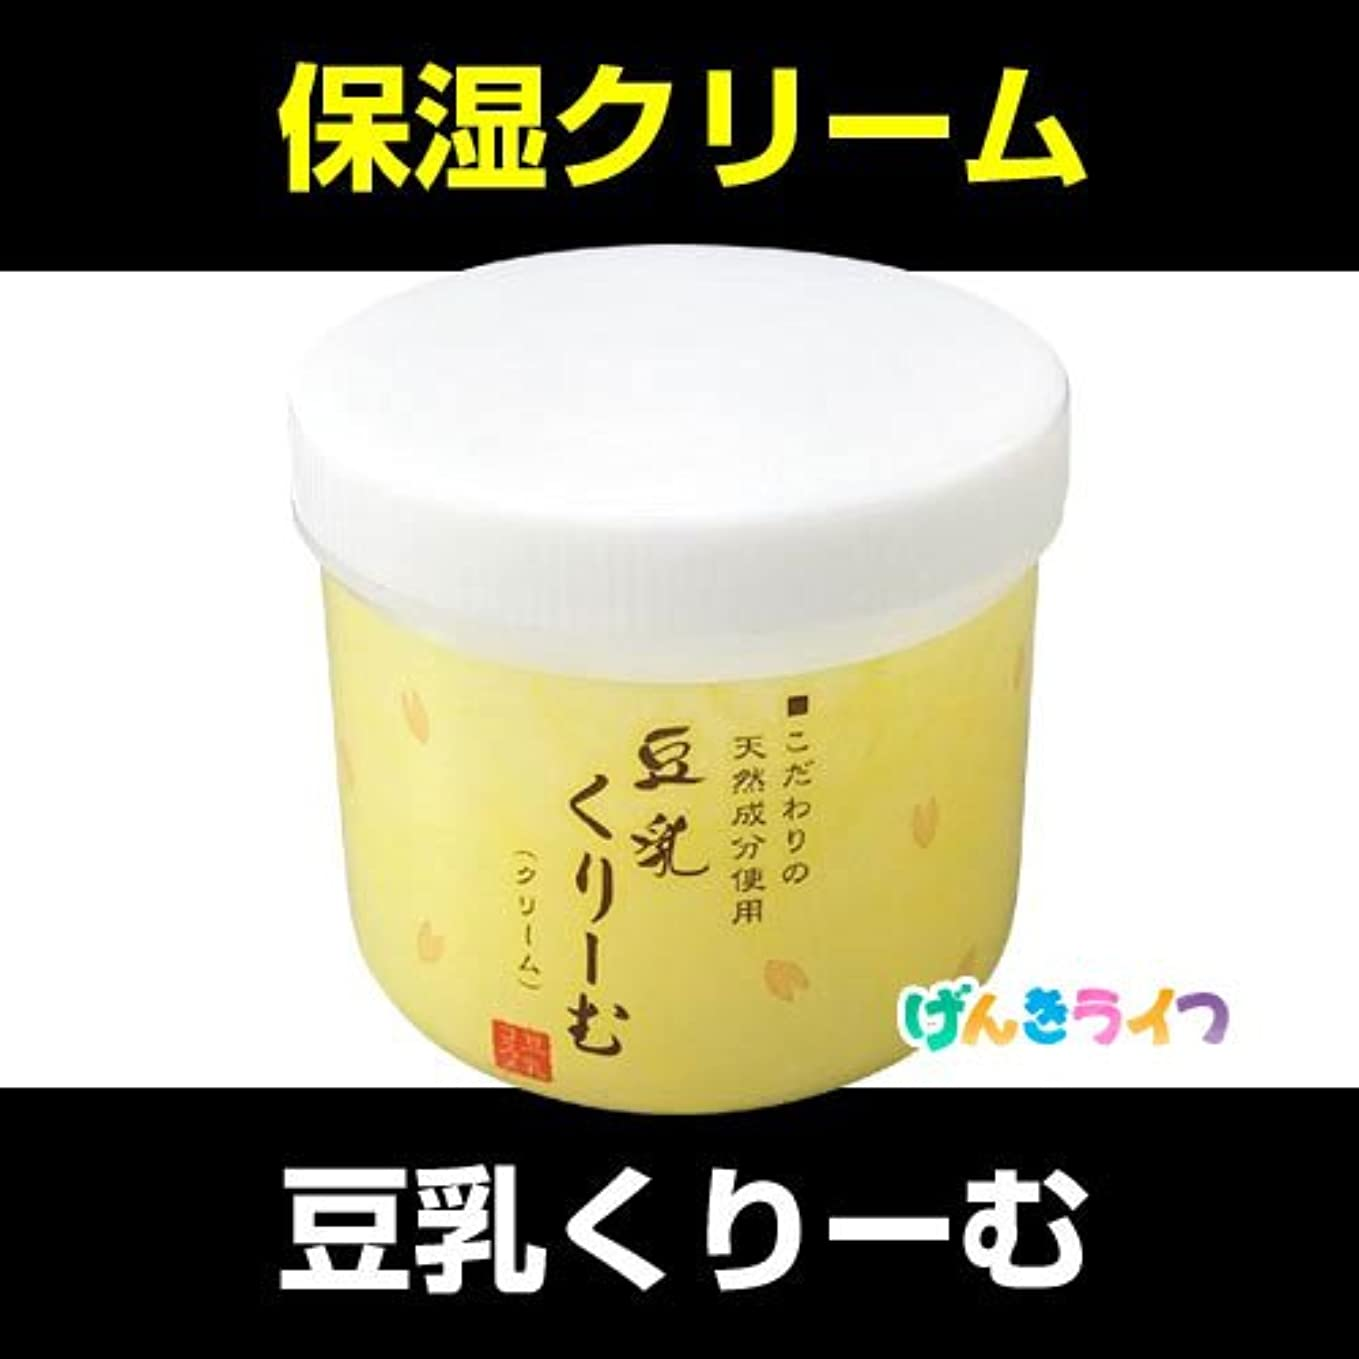 媒染剤物理的にコンセンサス吉野ふじや謹製 とうにゅうくりーむ(豆乳クリーム)【3個】